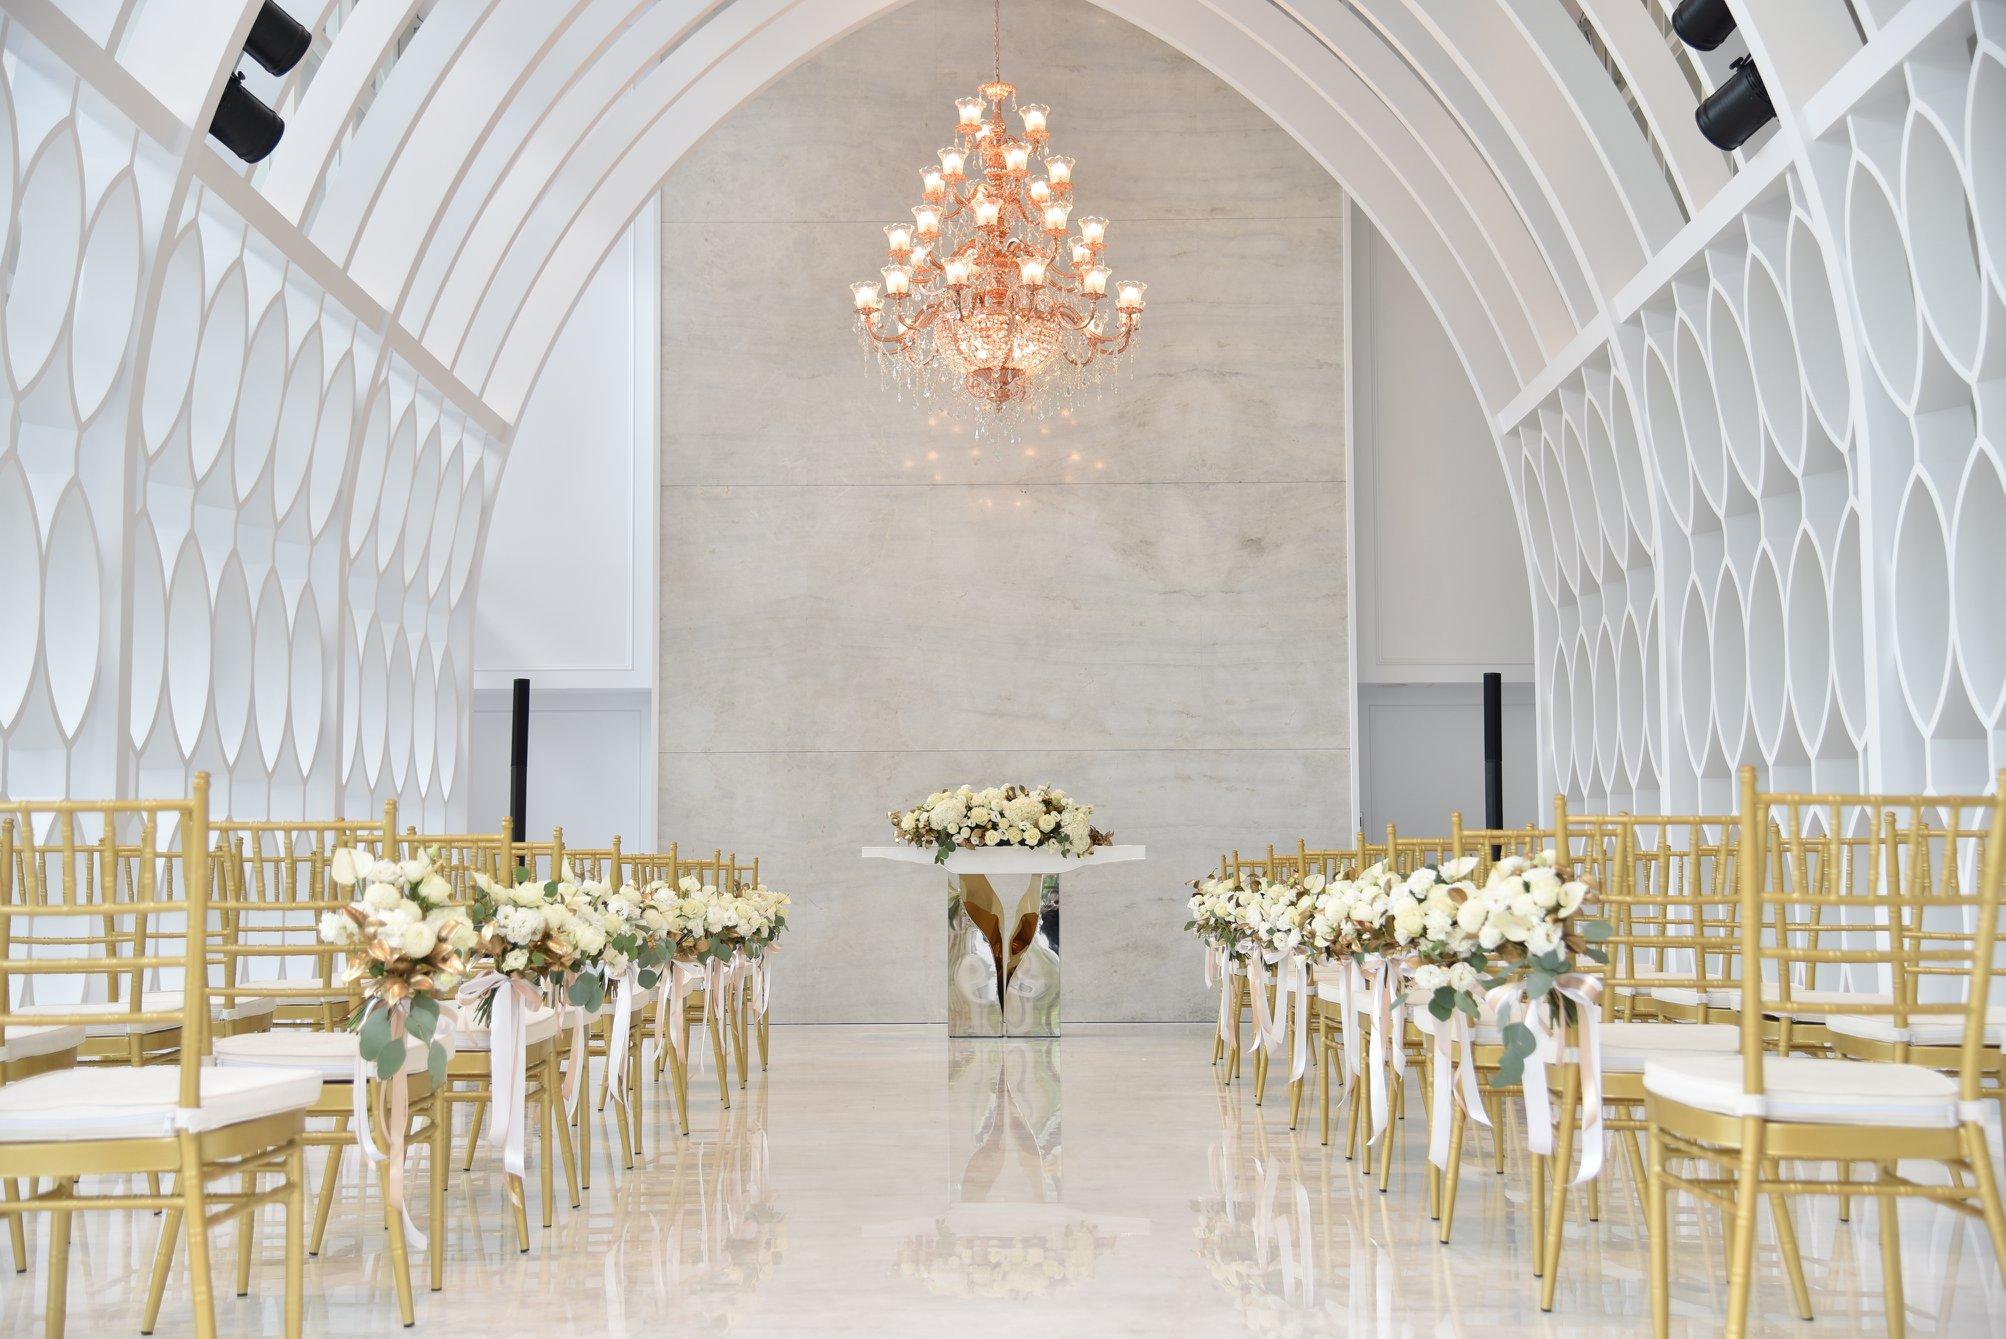 各大餐廳也紛紛舉辦婚禮體驗日 搶攻頂級婚宴市場